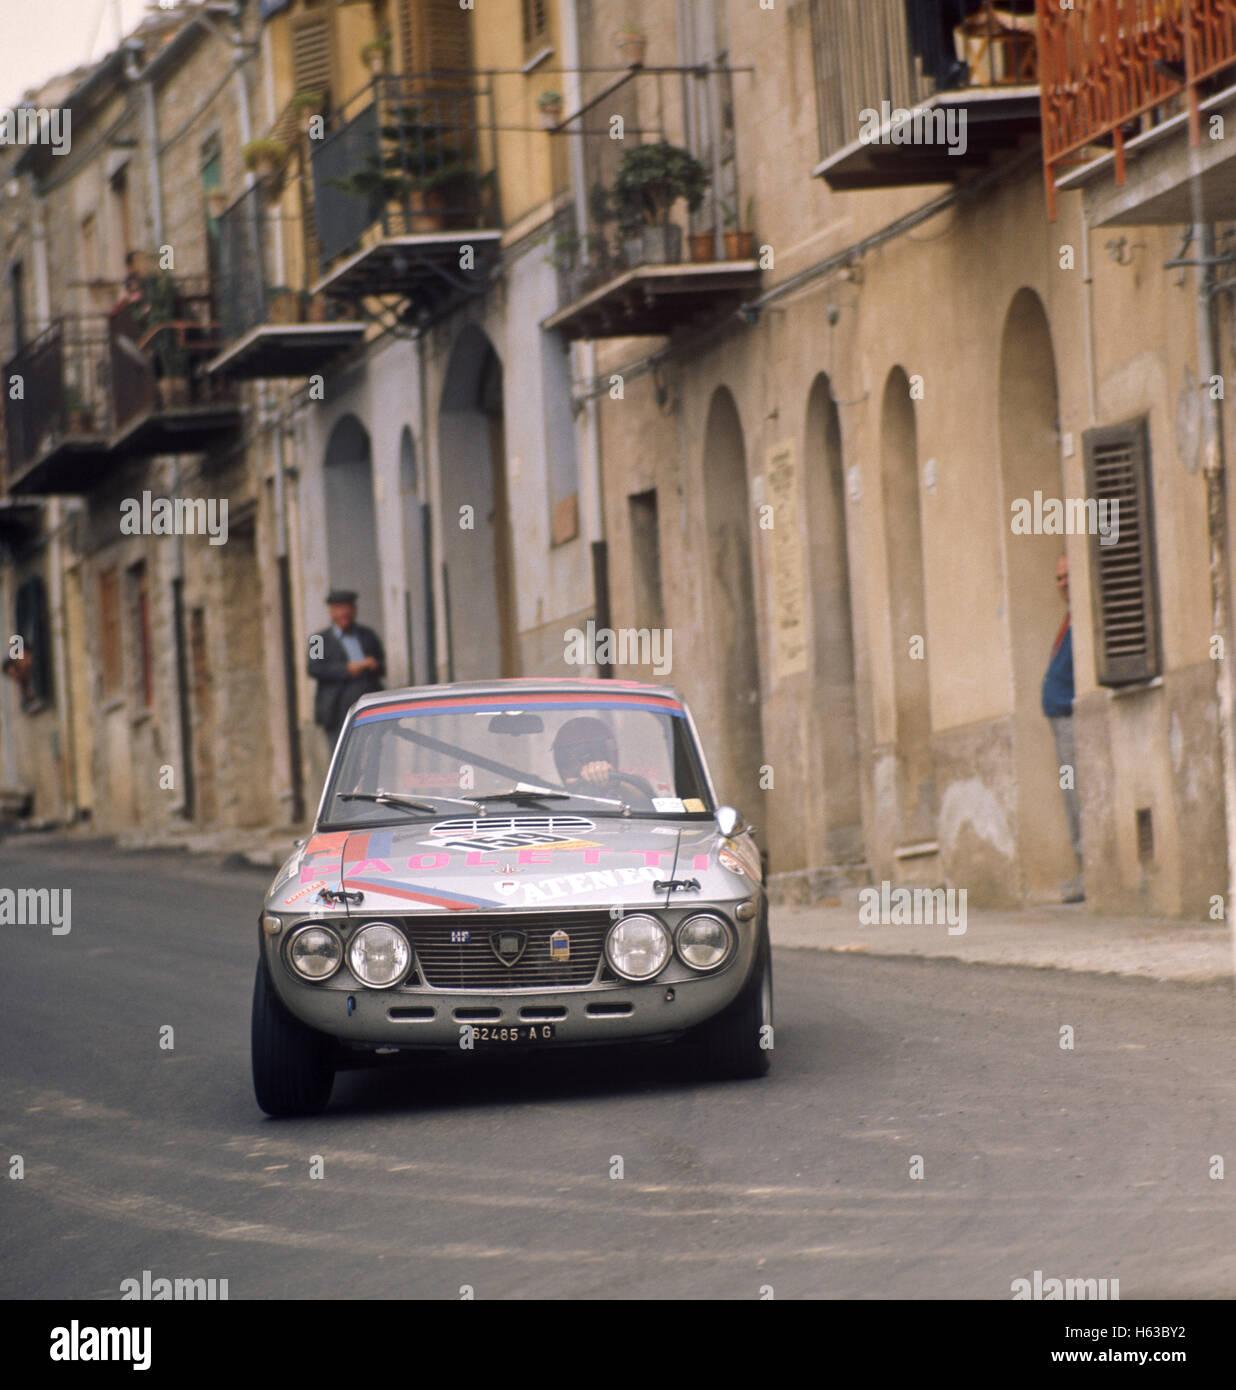 159 Giovanni Rizzo and Settimino Balistreri in a  Lancia Fulvio finished 30th in the Targa Florio 13 May 1973 - Stock Image